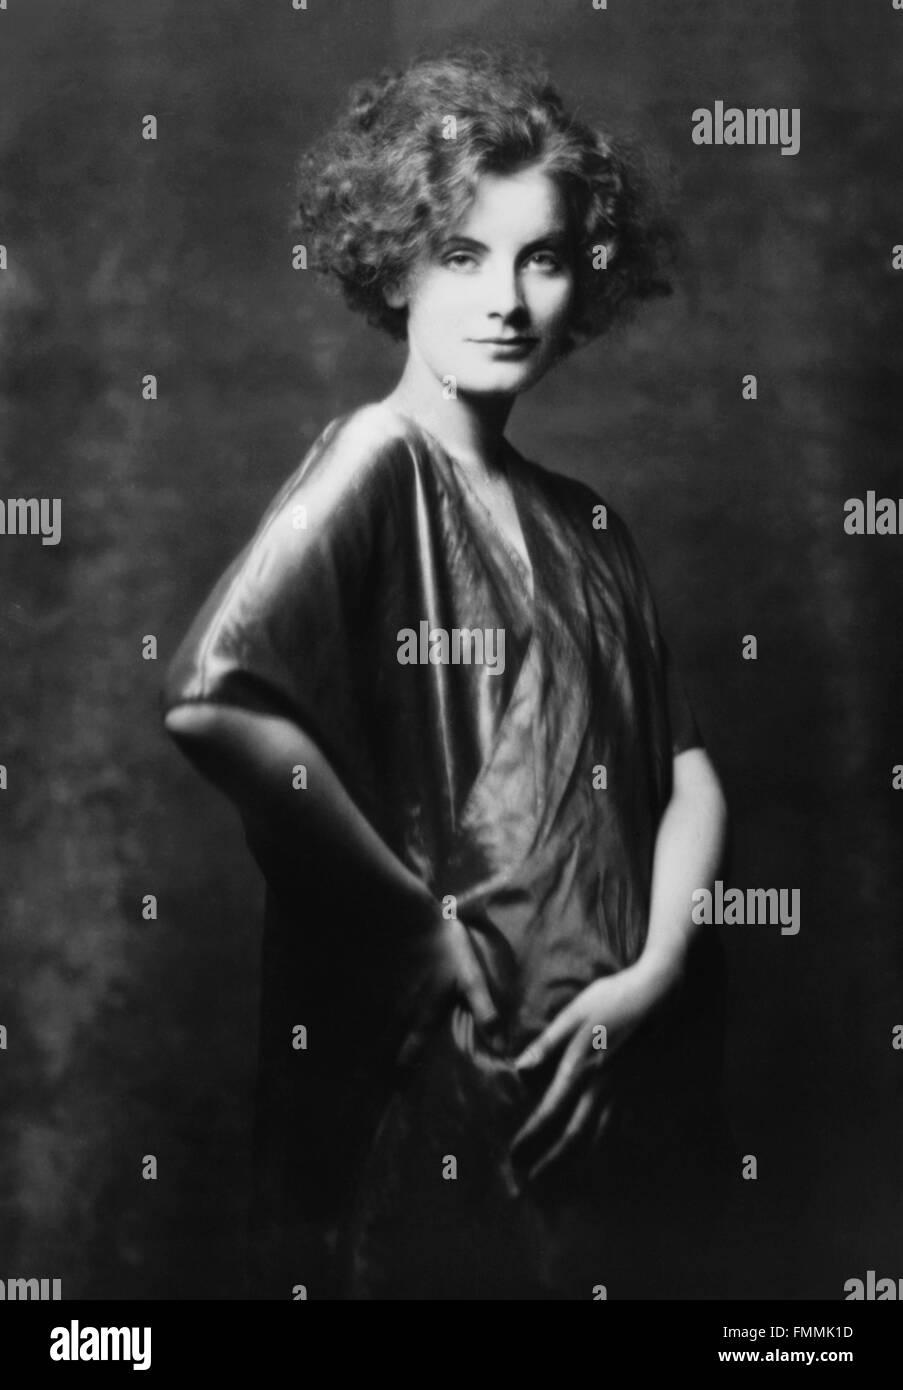 Greta Garbo. Porträt der schwedischen Filmstar, Greta Garbo, durch Arnold Genthe, geboren 1925 Stockbild